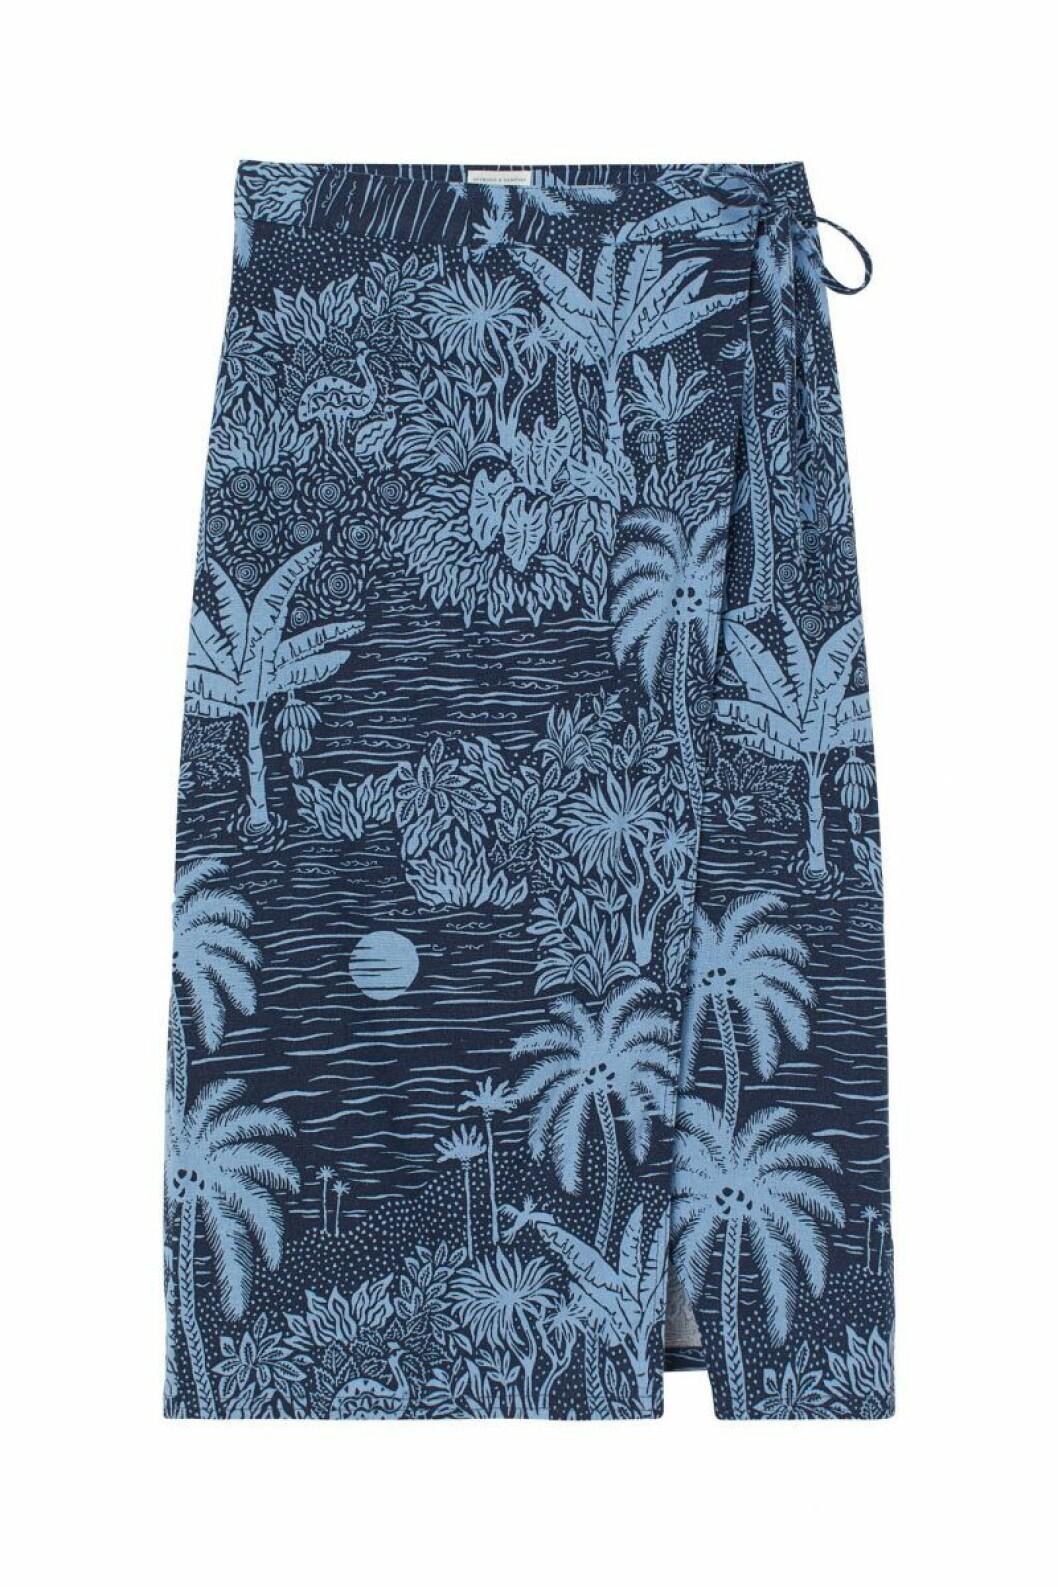 H&M x Desmond & Dempsey sommarkollektion 2020: blå kjol